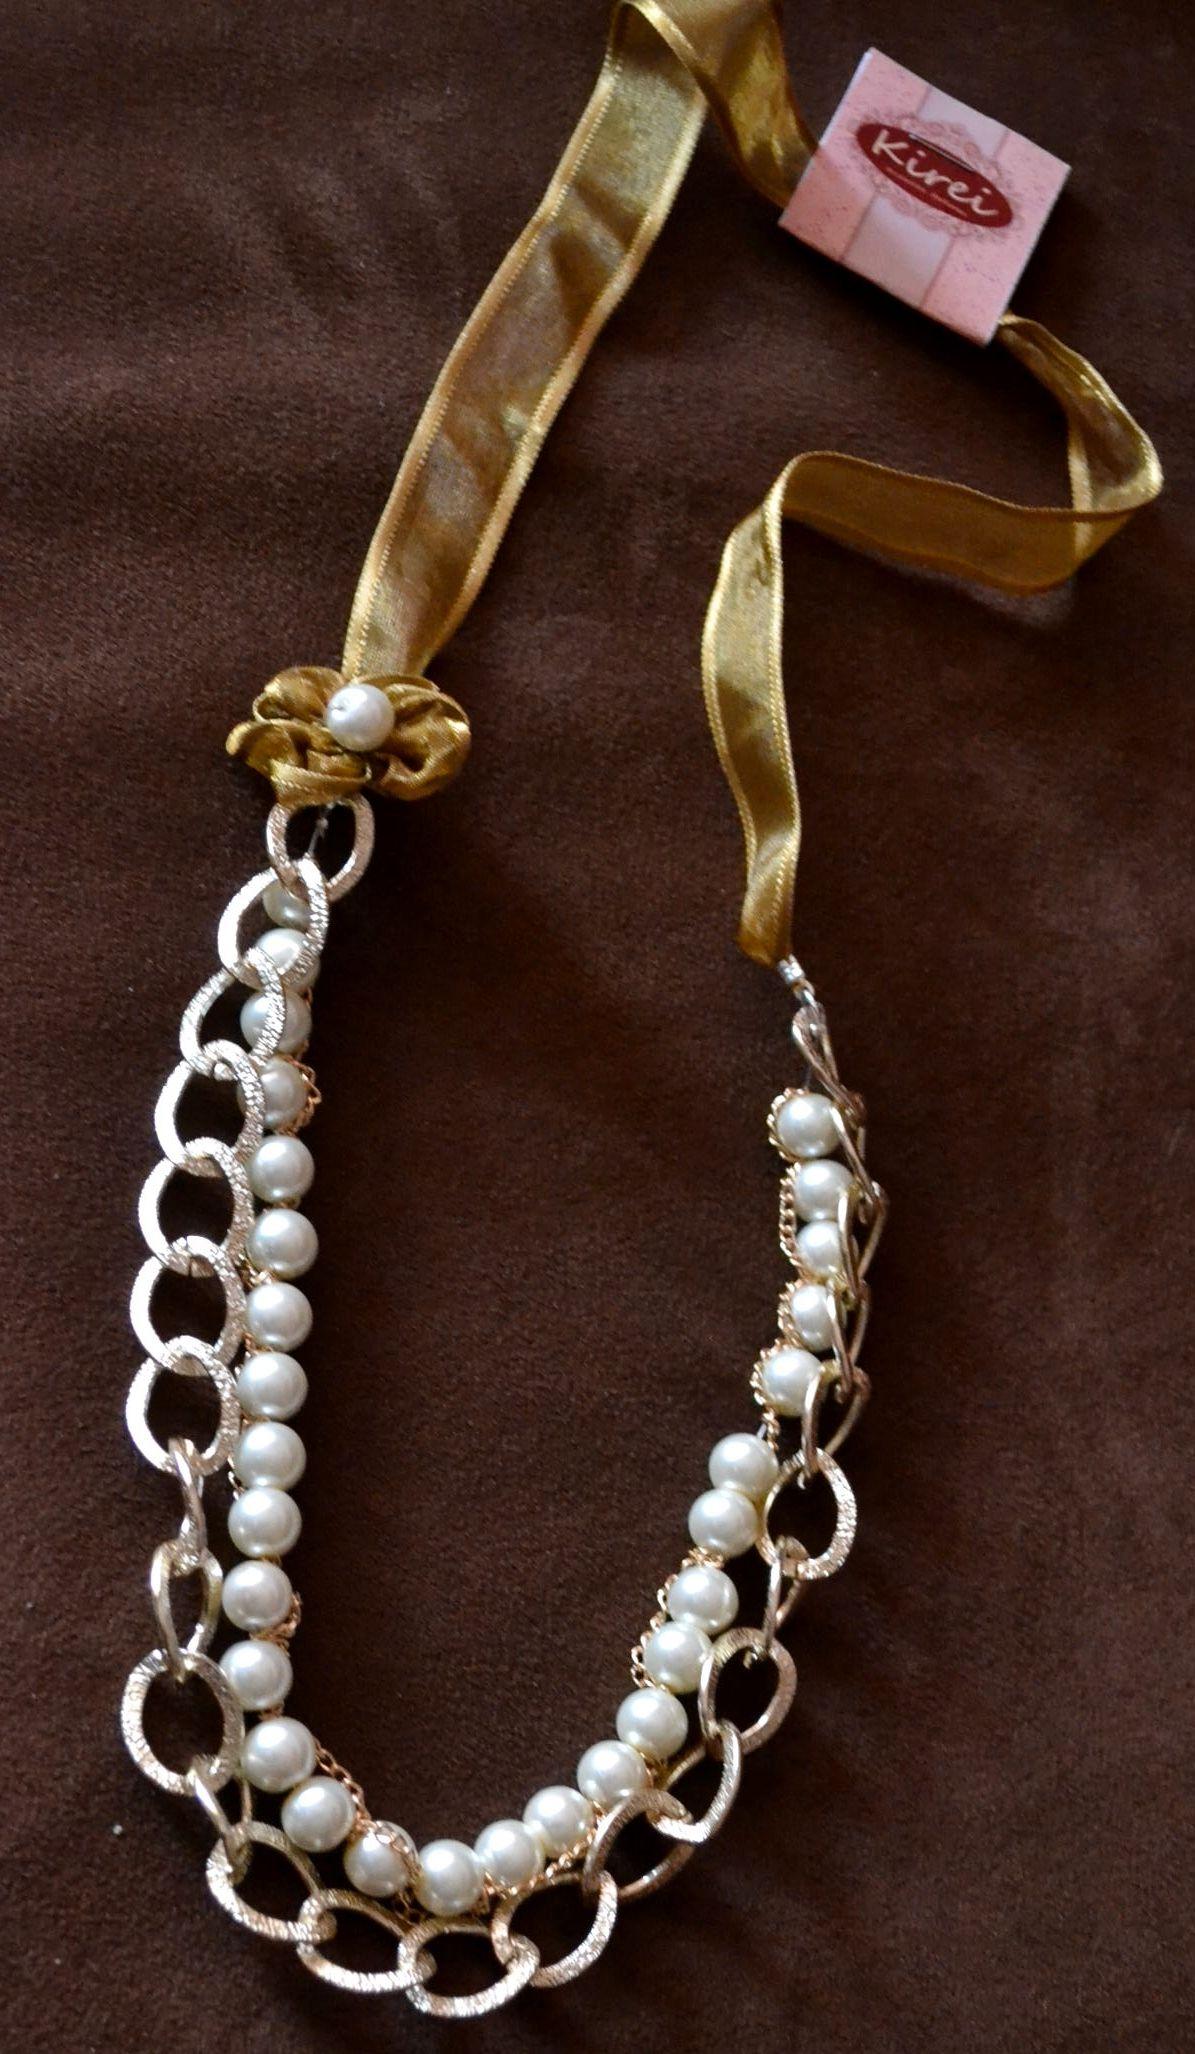 1e39e0e6f5d8 Collar de cadenas doradas